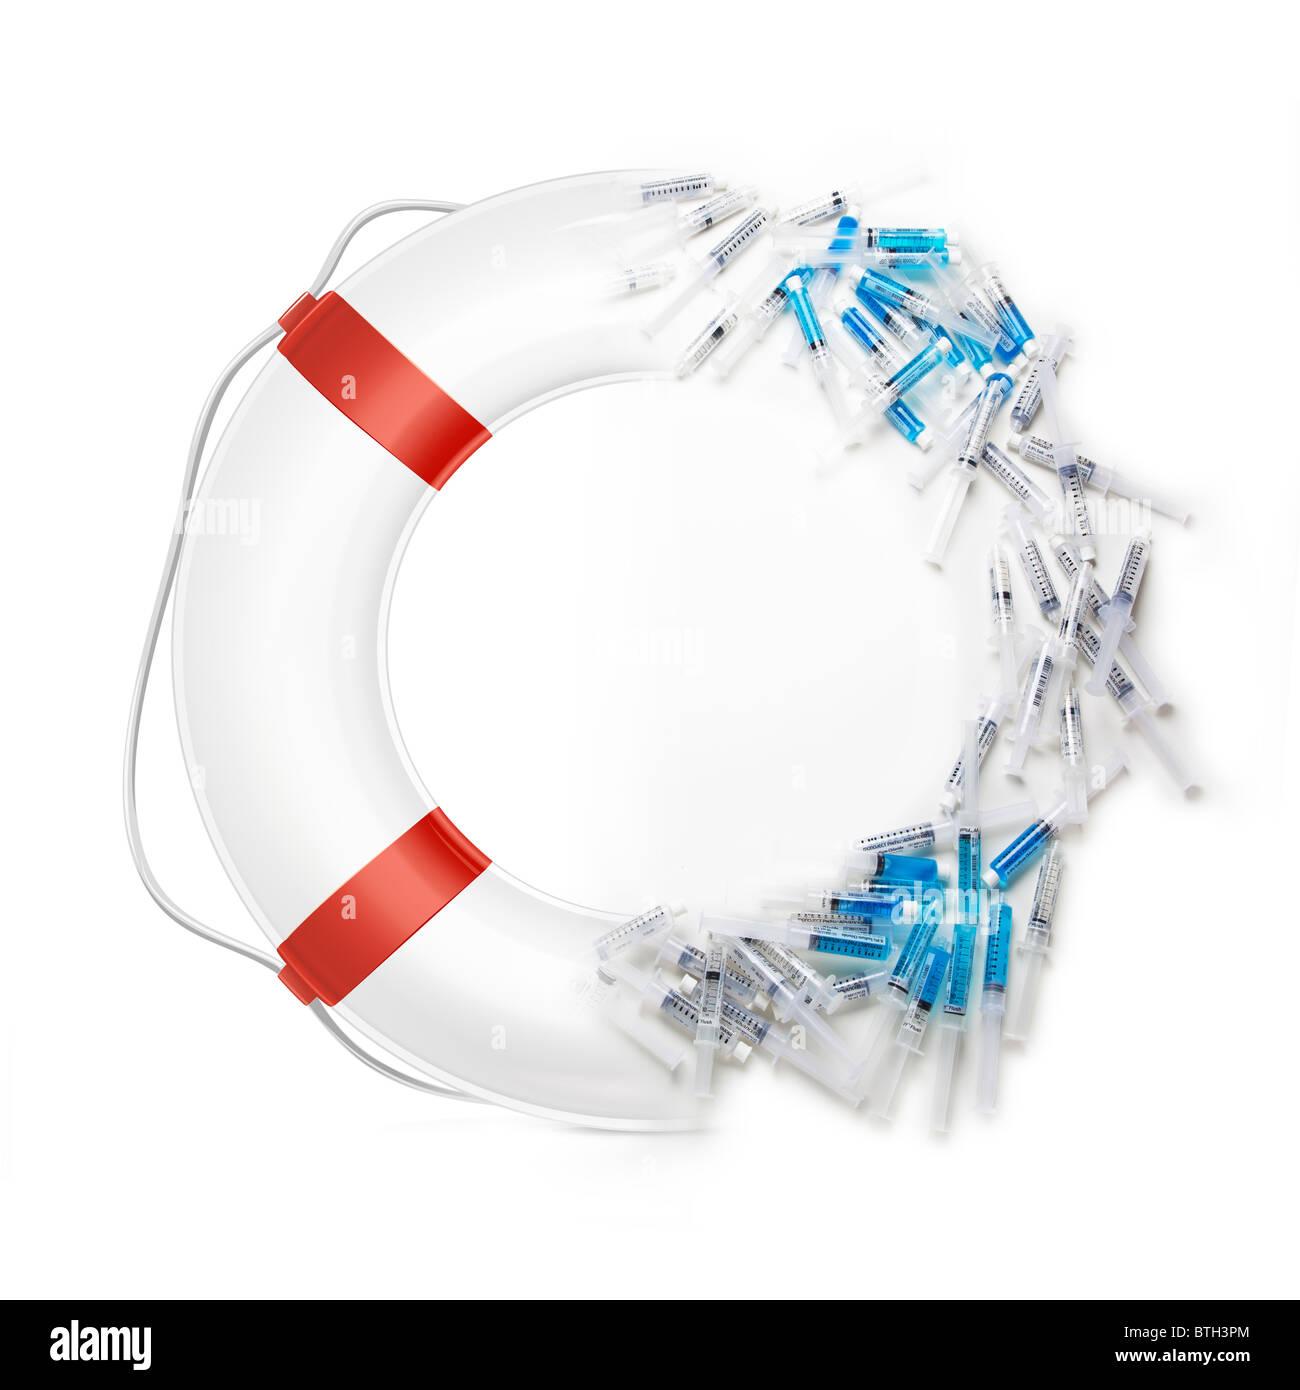 Ciambella salvagente con scatti o siringhe che compongono la metà di esso. Immagini Stock